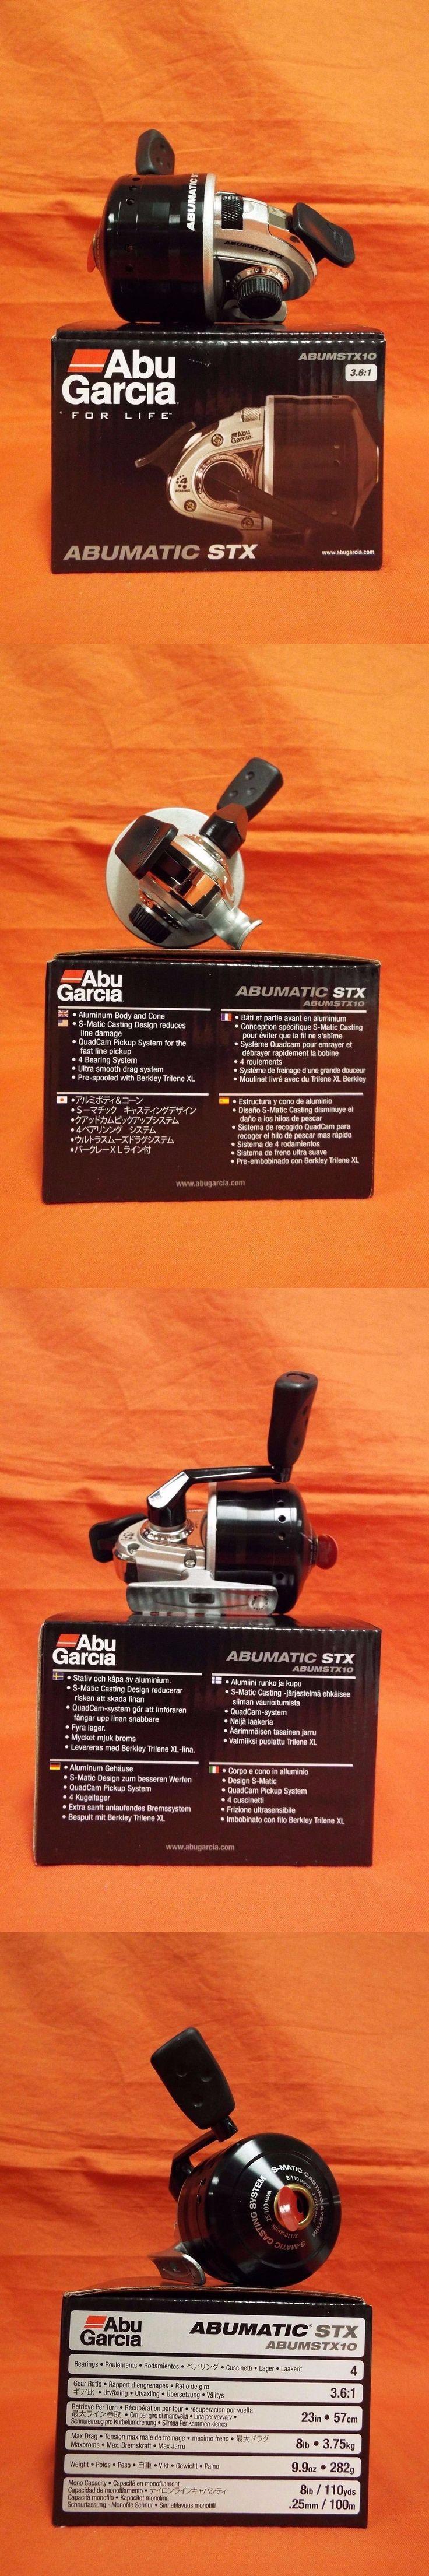 Spincasting Reels 108154: Abu Garcia Abumatic Stx Spincast Reel 3.6:1 Gear Ratio #1365372 (Abumstx10) -> BUY IT NOW ONLY: $39.89 on eBay!